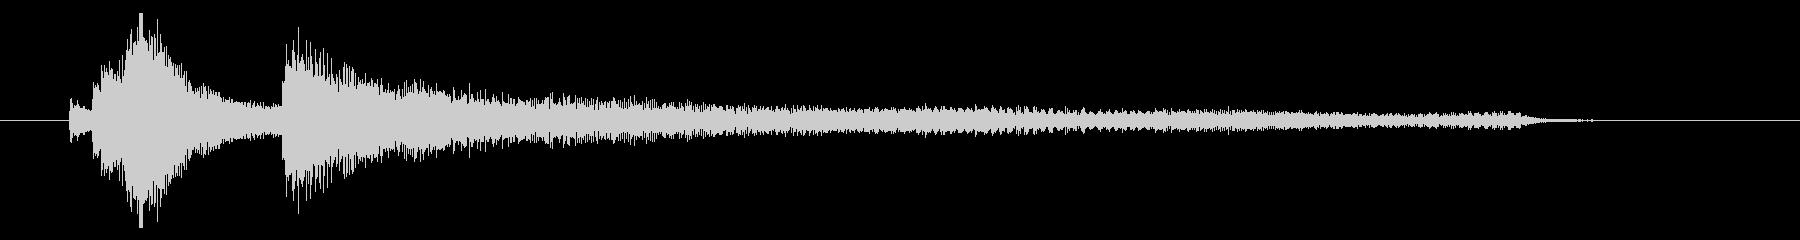 爽やかなイメージのサウンドロゴ(ピアノ)の未再生の波形